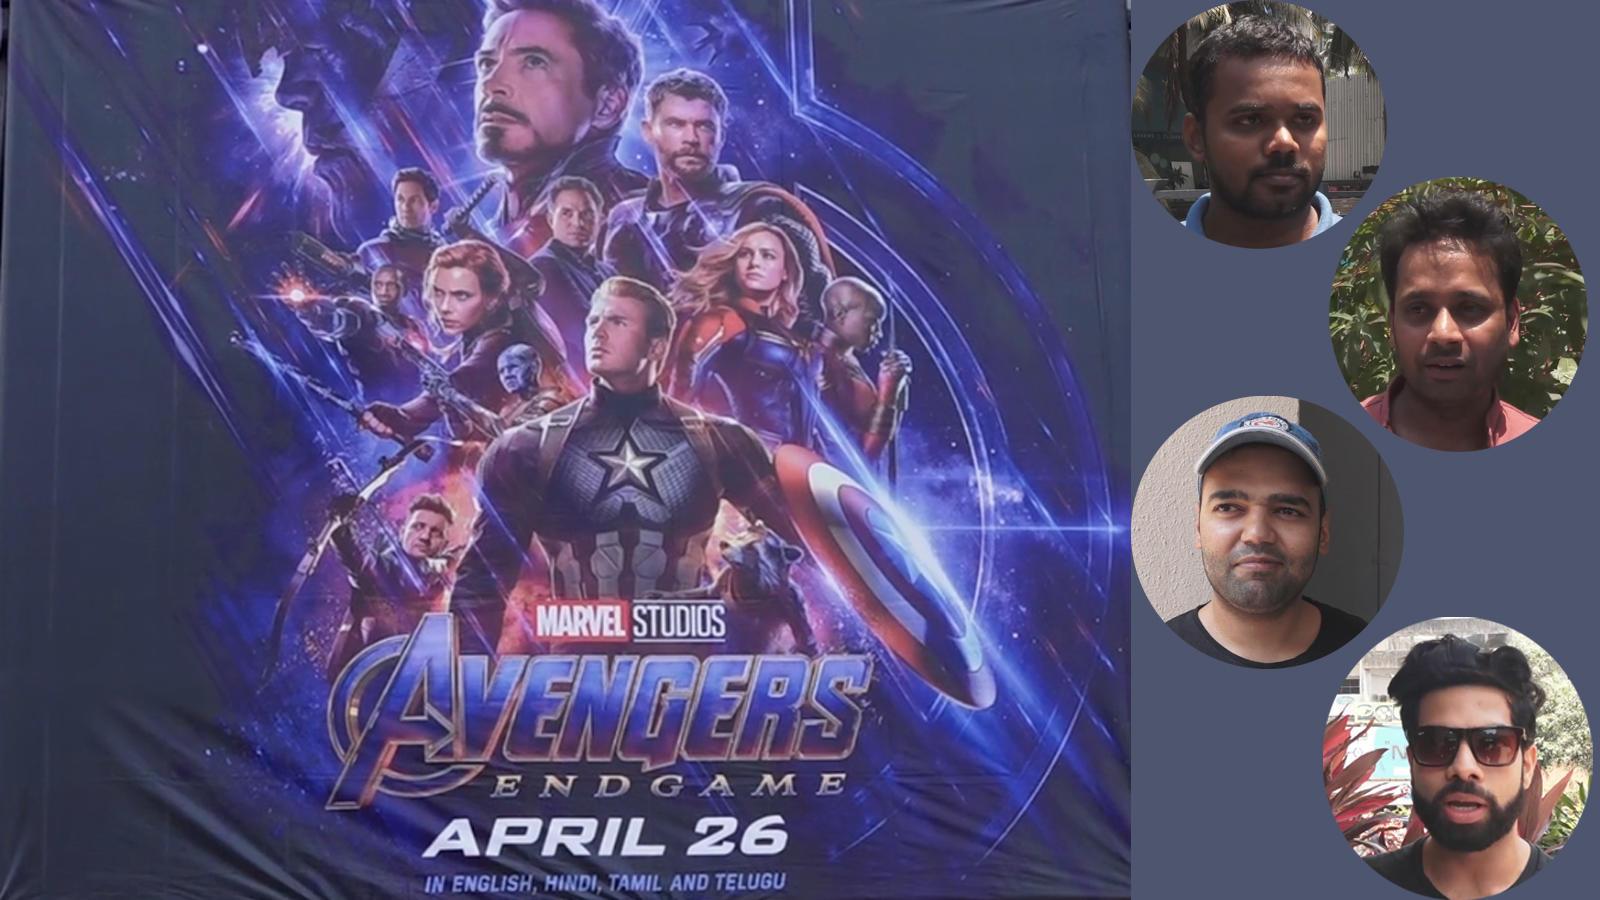 Avengers Endgame: Public review